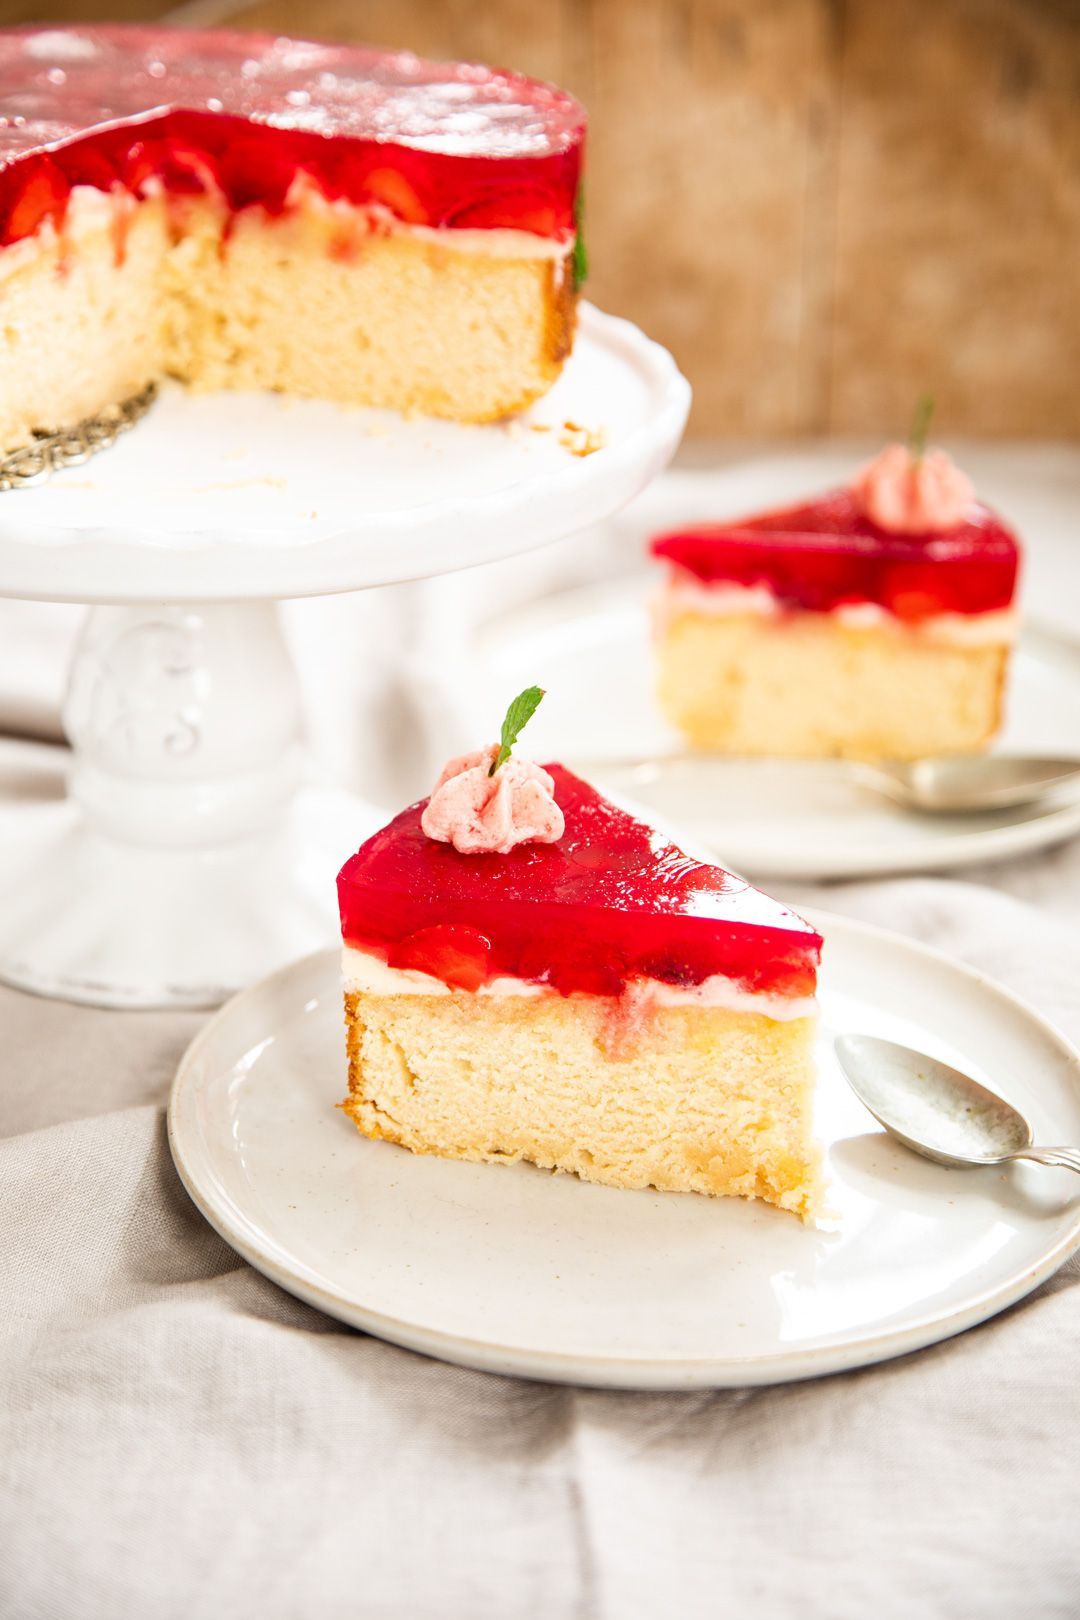 Erdbeer Torte Mit Schneller Buttercreme Und Ricotta Boden Rezept Kuchen Und Torten Rezepte Erdbeer Torte Lebensmittel Essen